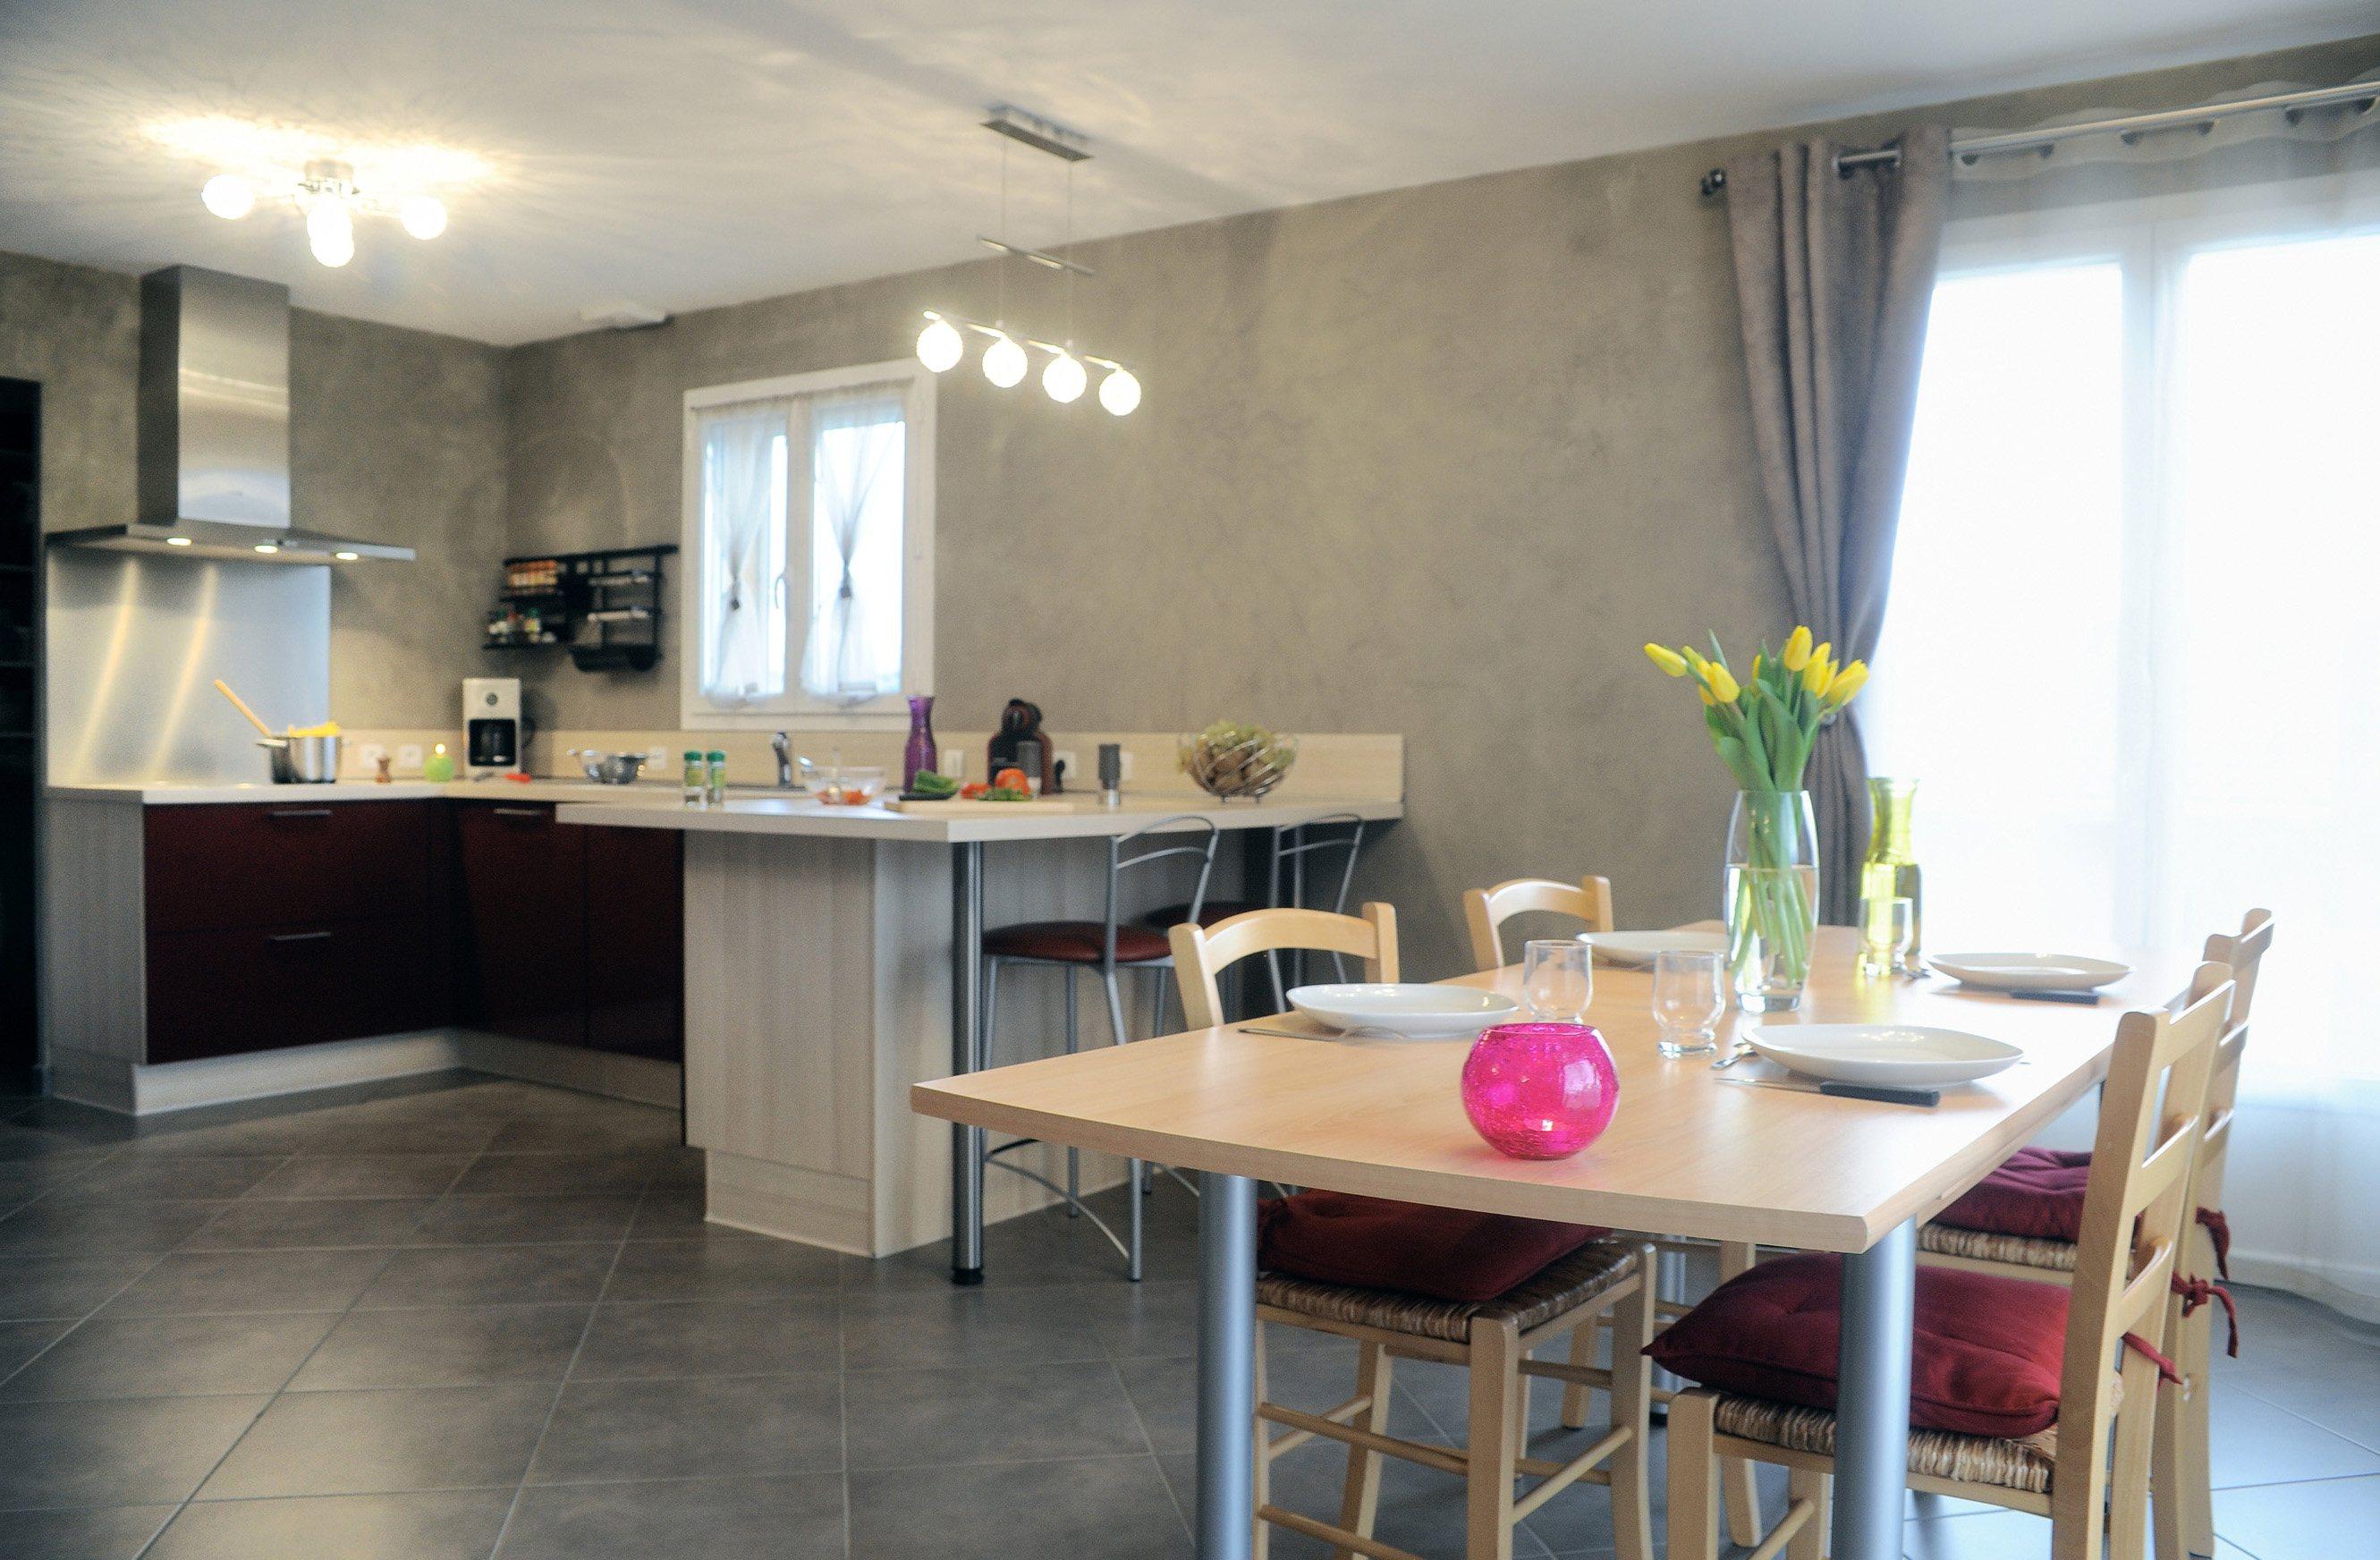 Maisons + Terrains du constructeur MAISON FAMILIALE SAINT QUENTIN • 103 m² • BRUYERES ET MONTBERAULT